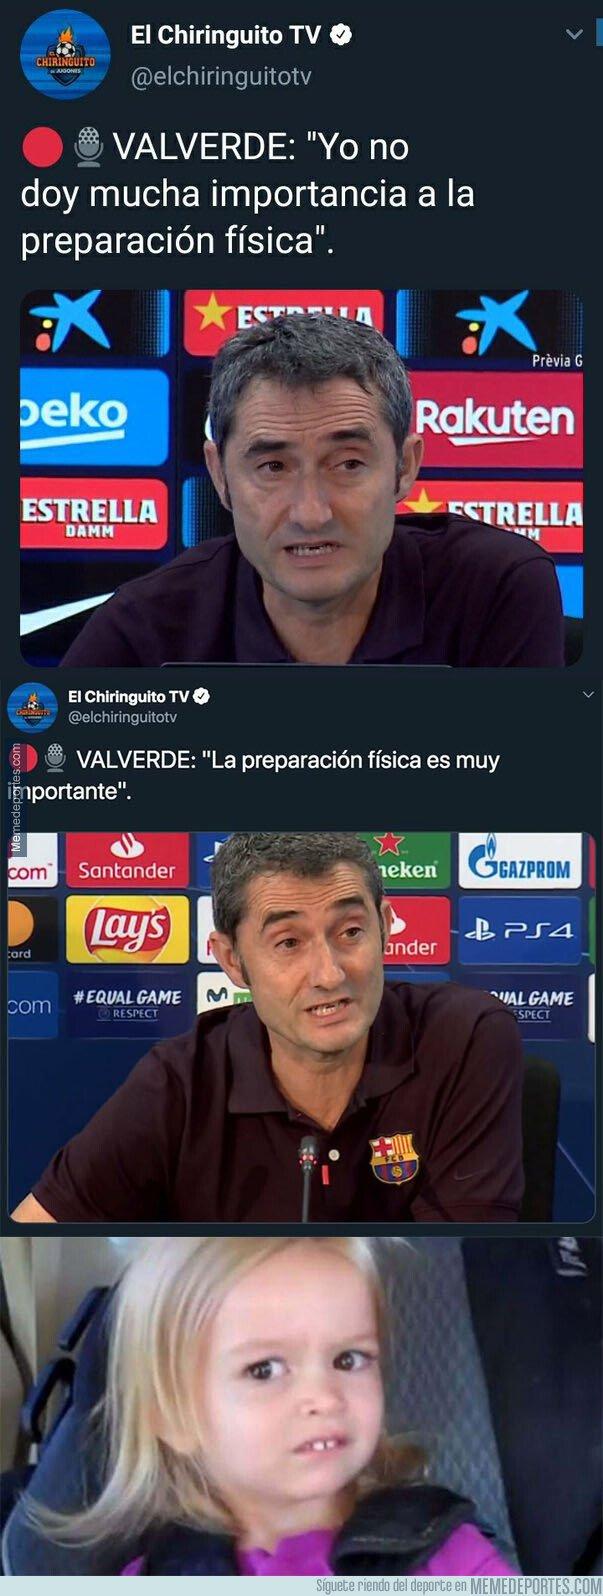 1087410 - La mayor contradicción de Valverde en una rueda de prensa en menos de 7 días de la que todo el mundo habla